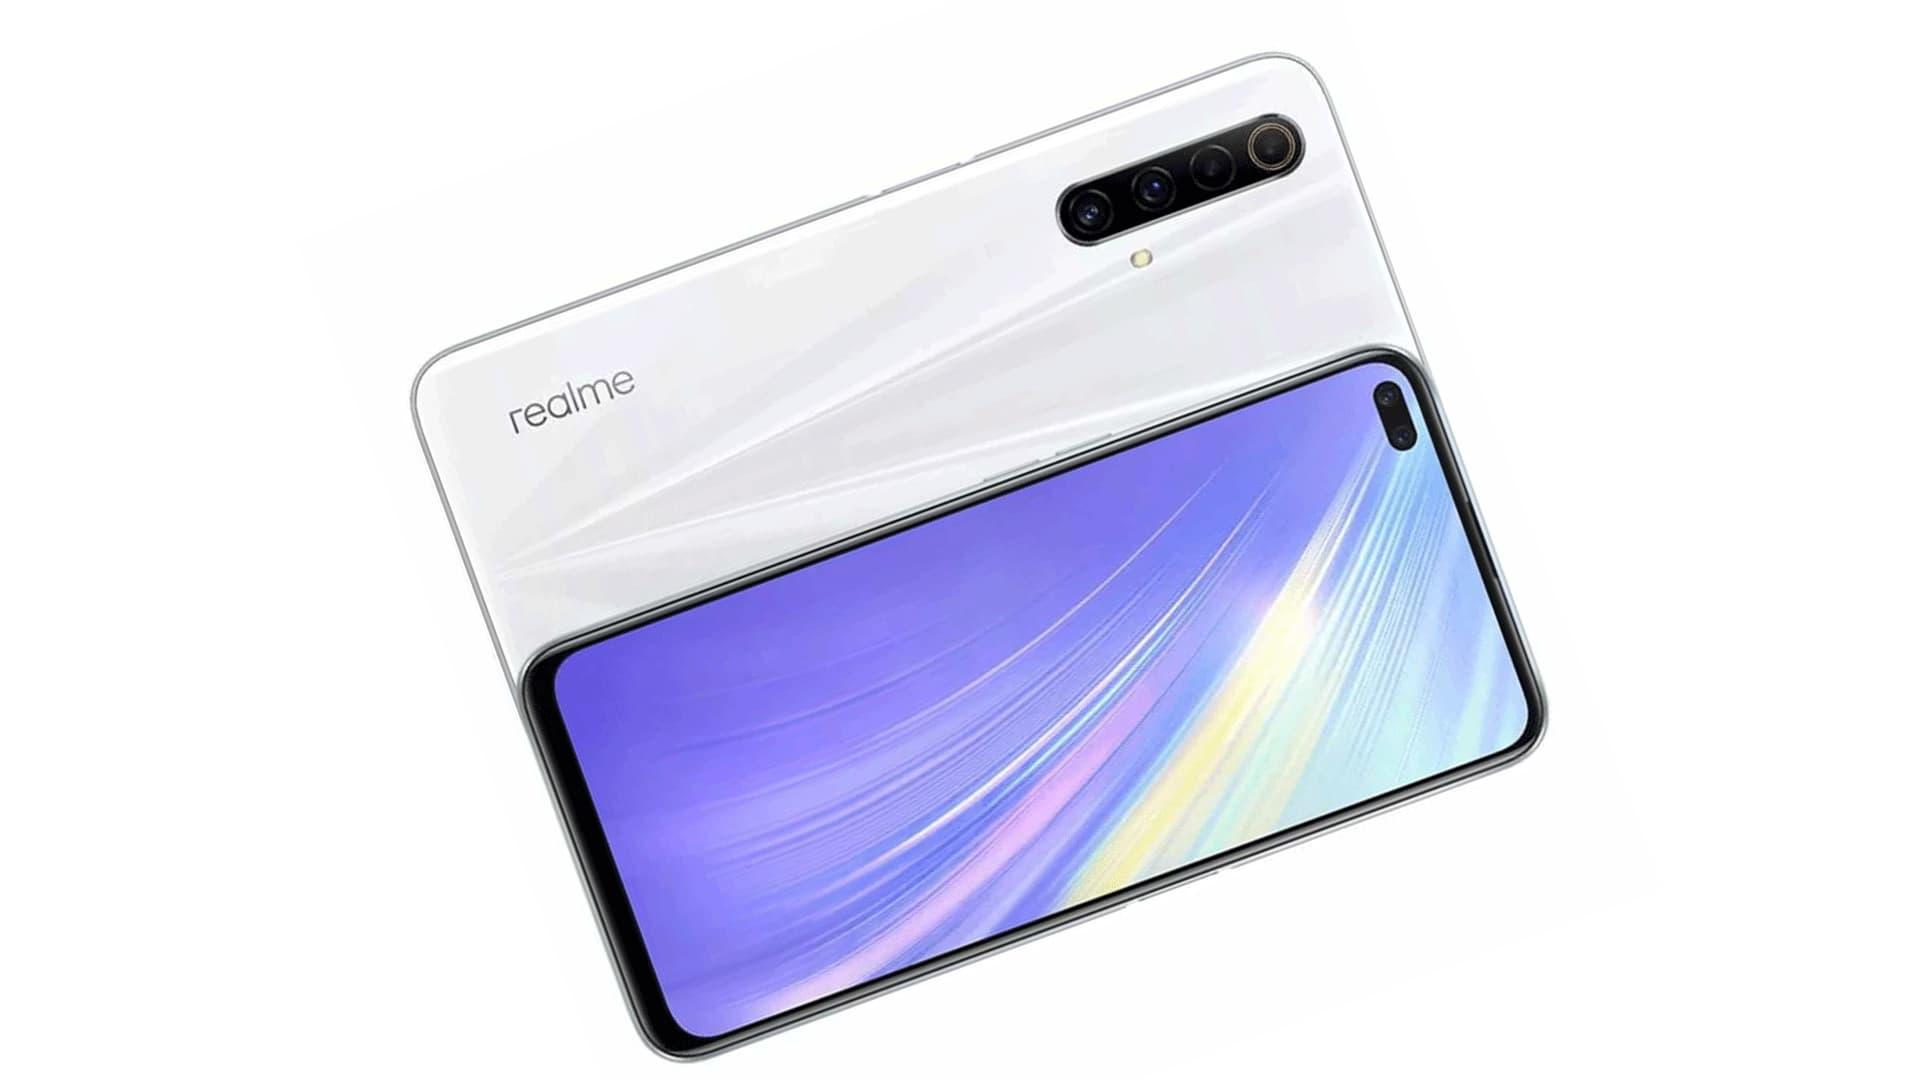 گوشی realme 50m 5G معرفی شد